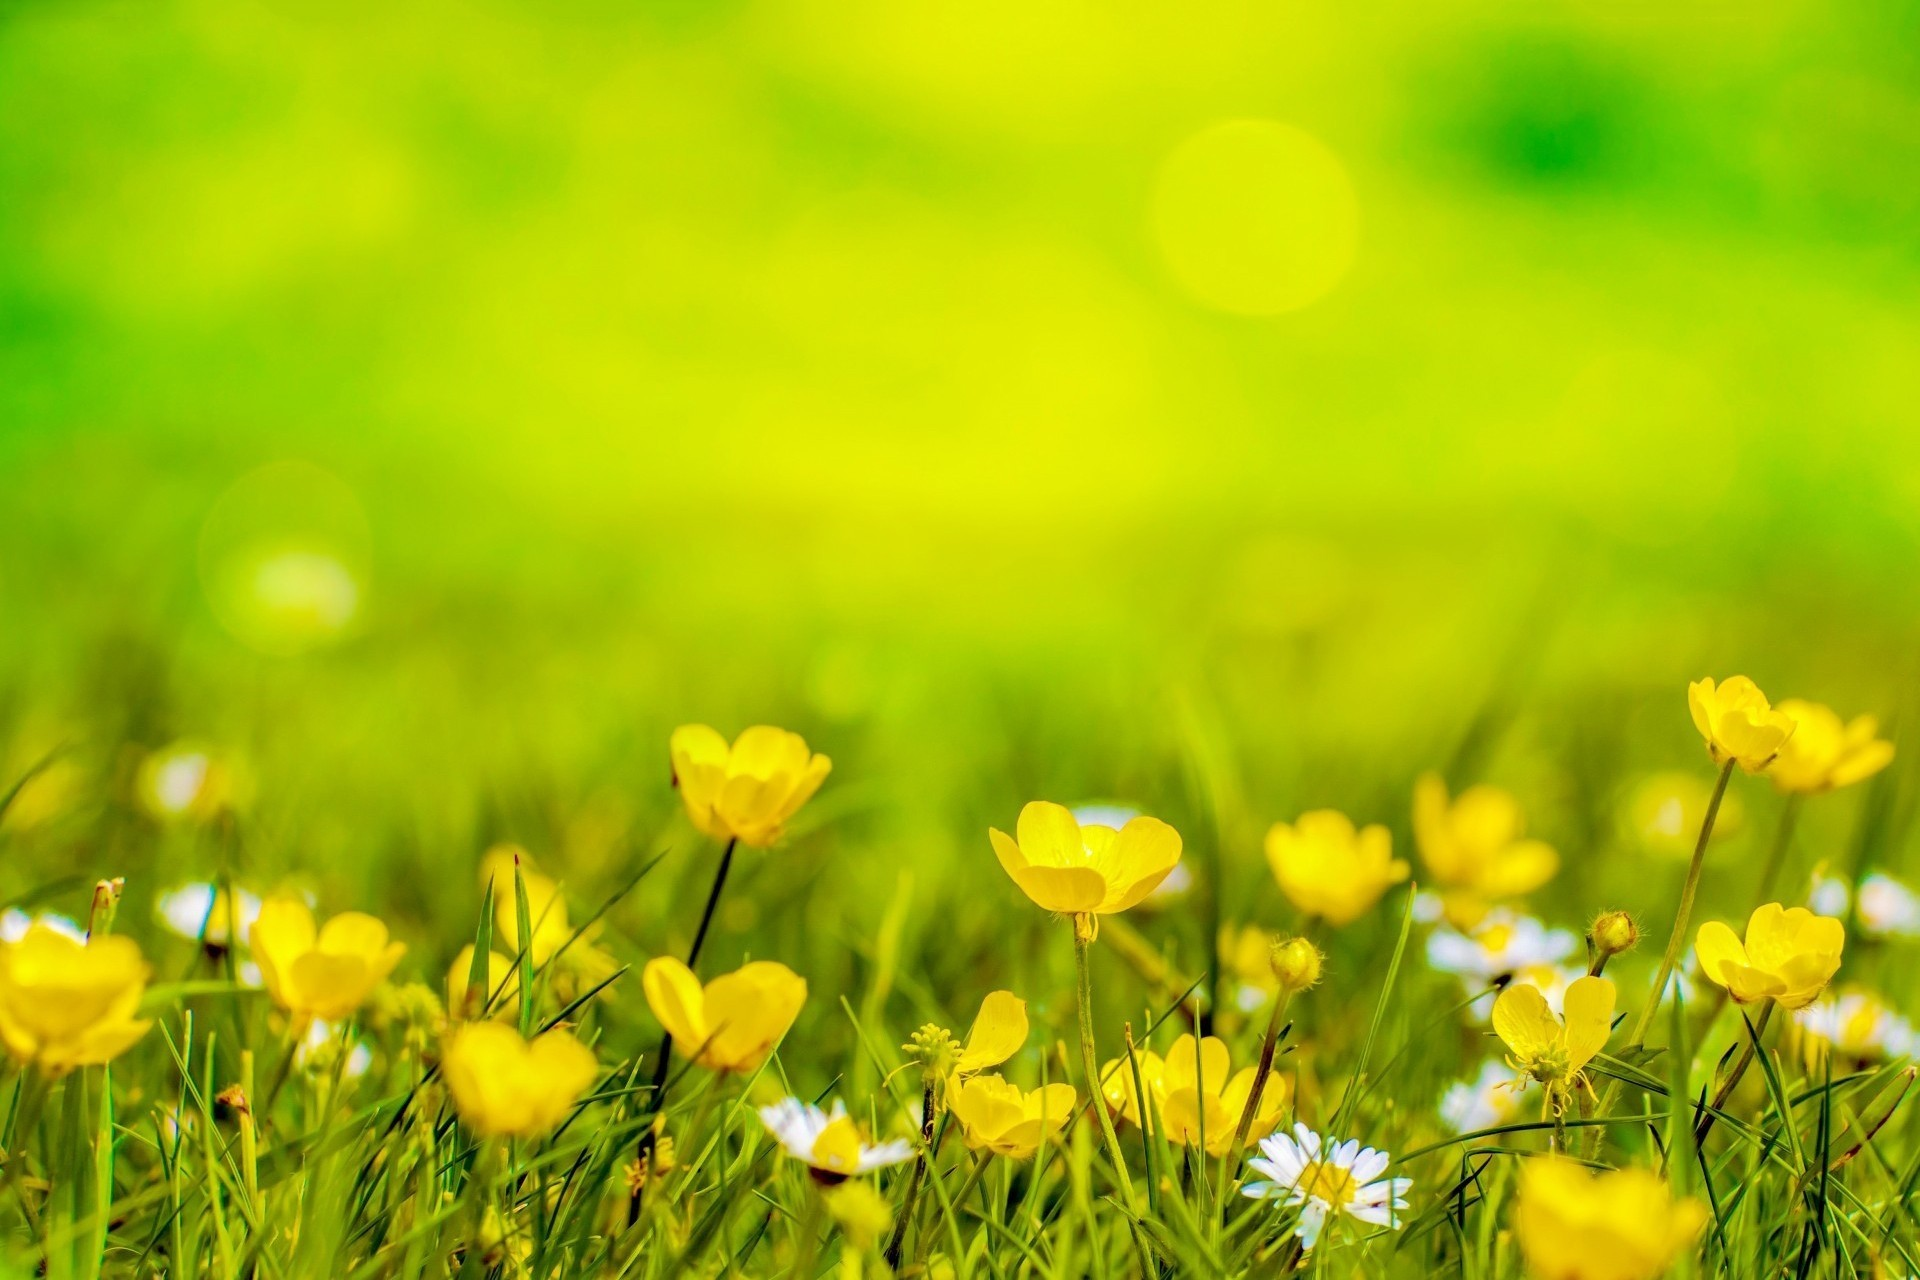 Желтые ромашки цветы желтые цветы размытость  № 3831083 бесплатно